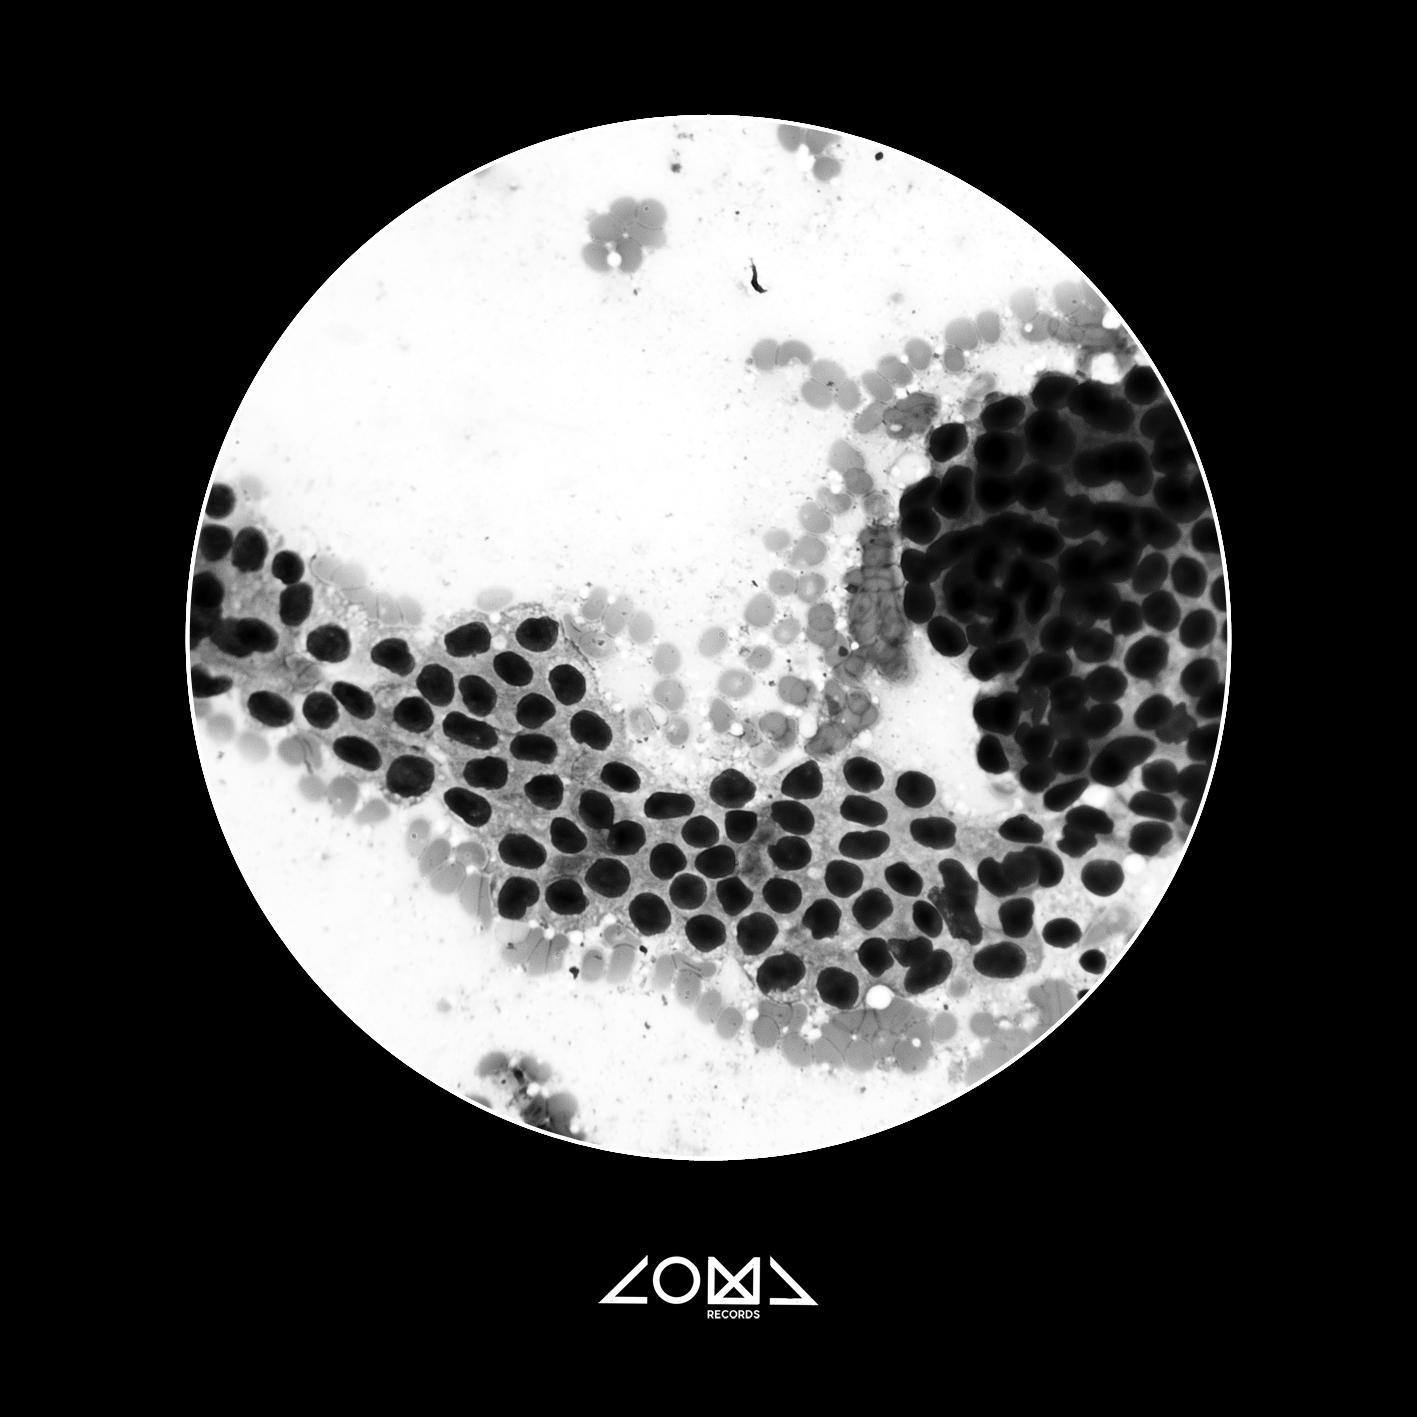 Press release - Coma Records